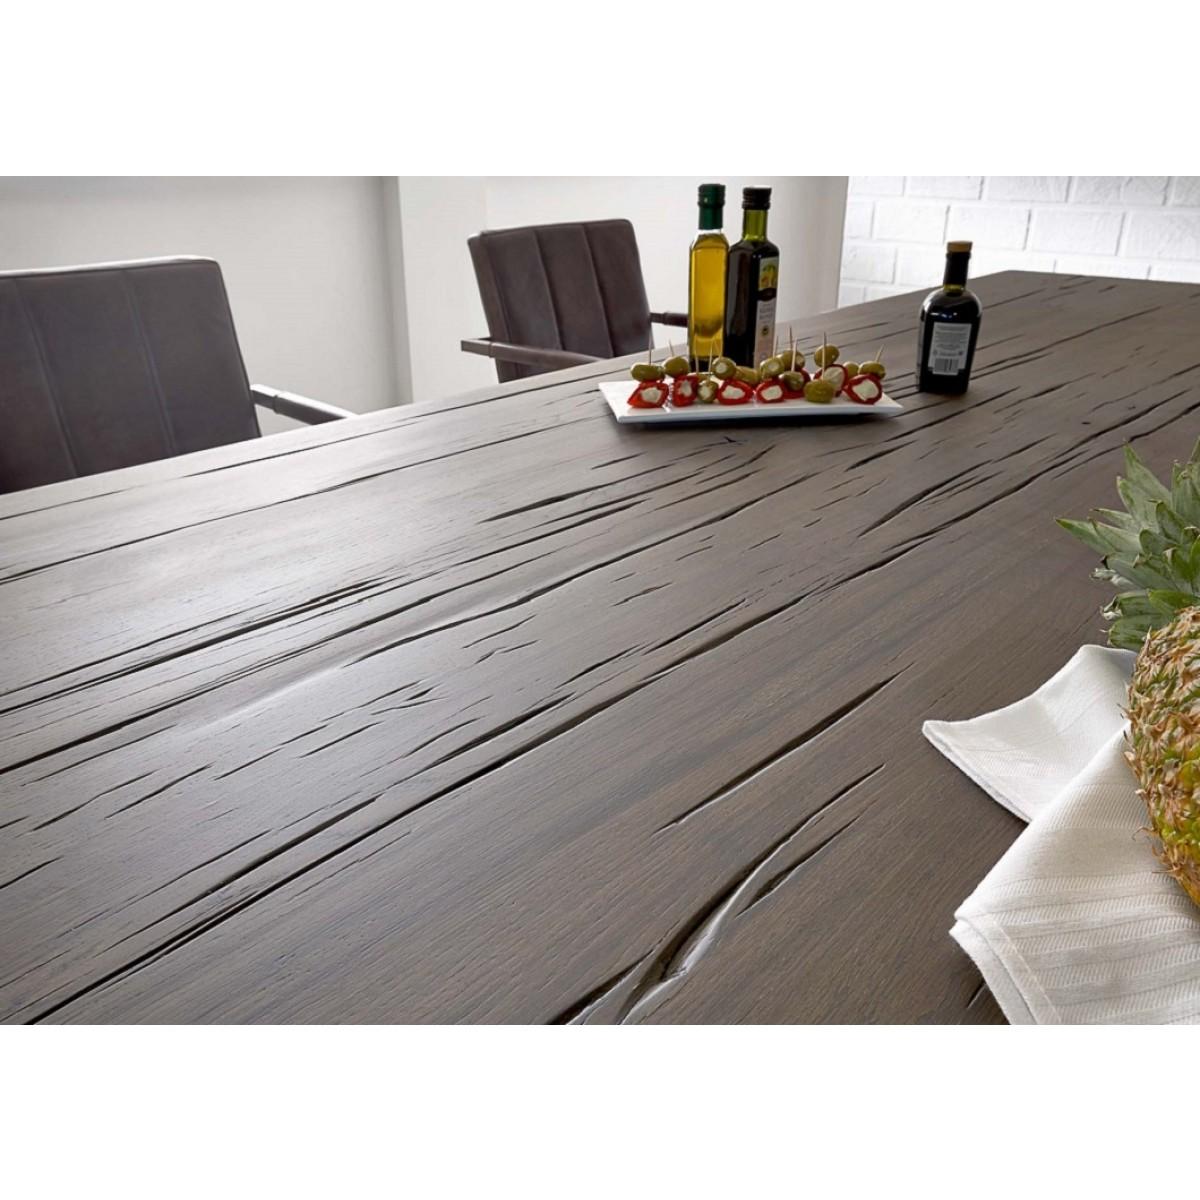 esstisch eiche tischplatte tisch massiv eiche industriedesign gestell aus metall ma e 200 x 100 cm. Black Bedroom Furniture Sets. Home Design Ideas